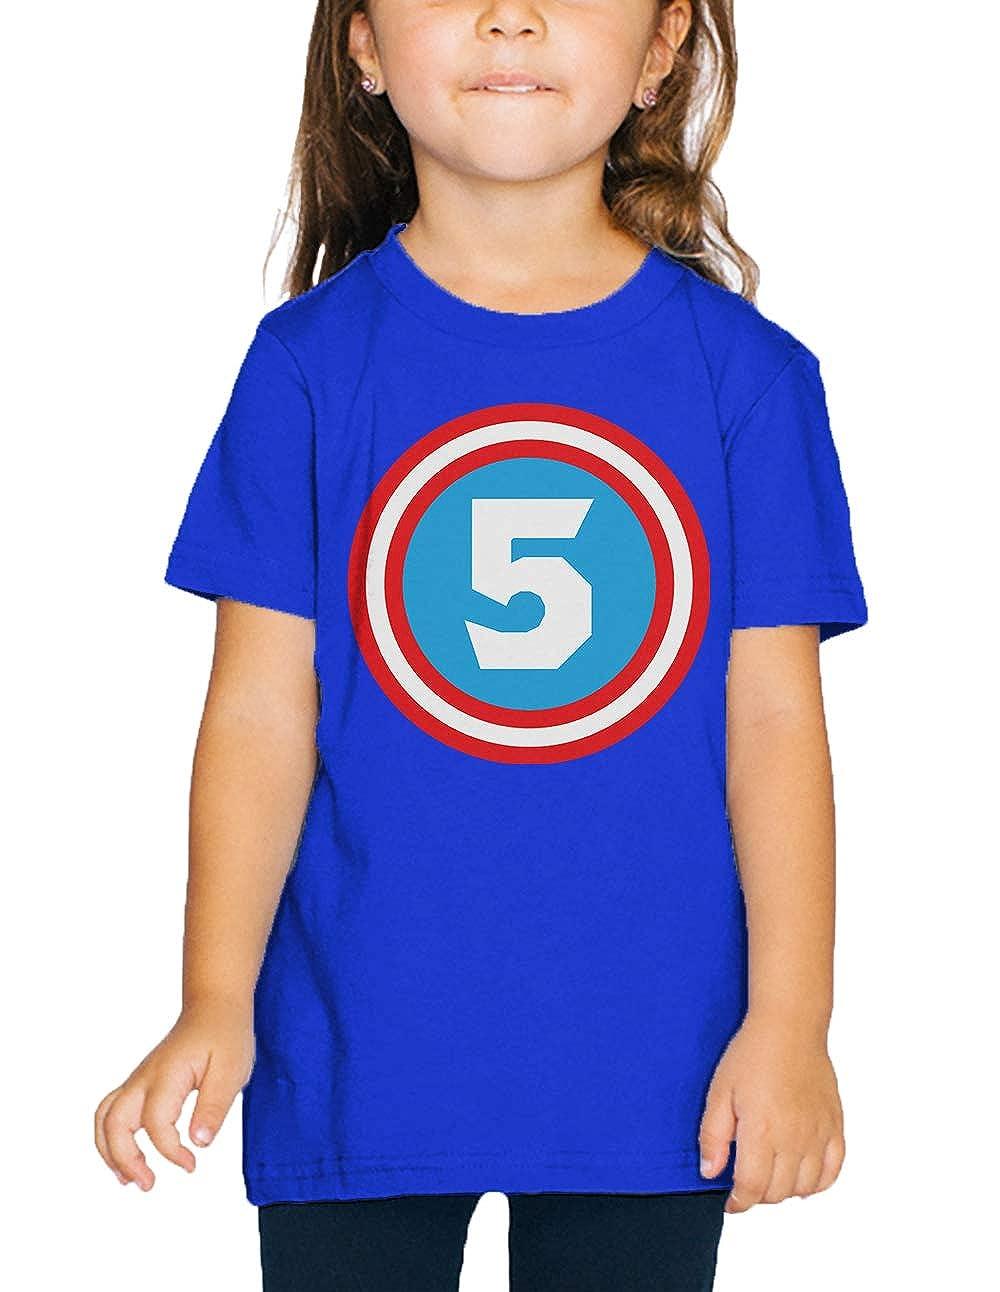 SpiritForged Apparel Superhero Five Year Old Toddler T-Shirt